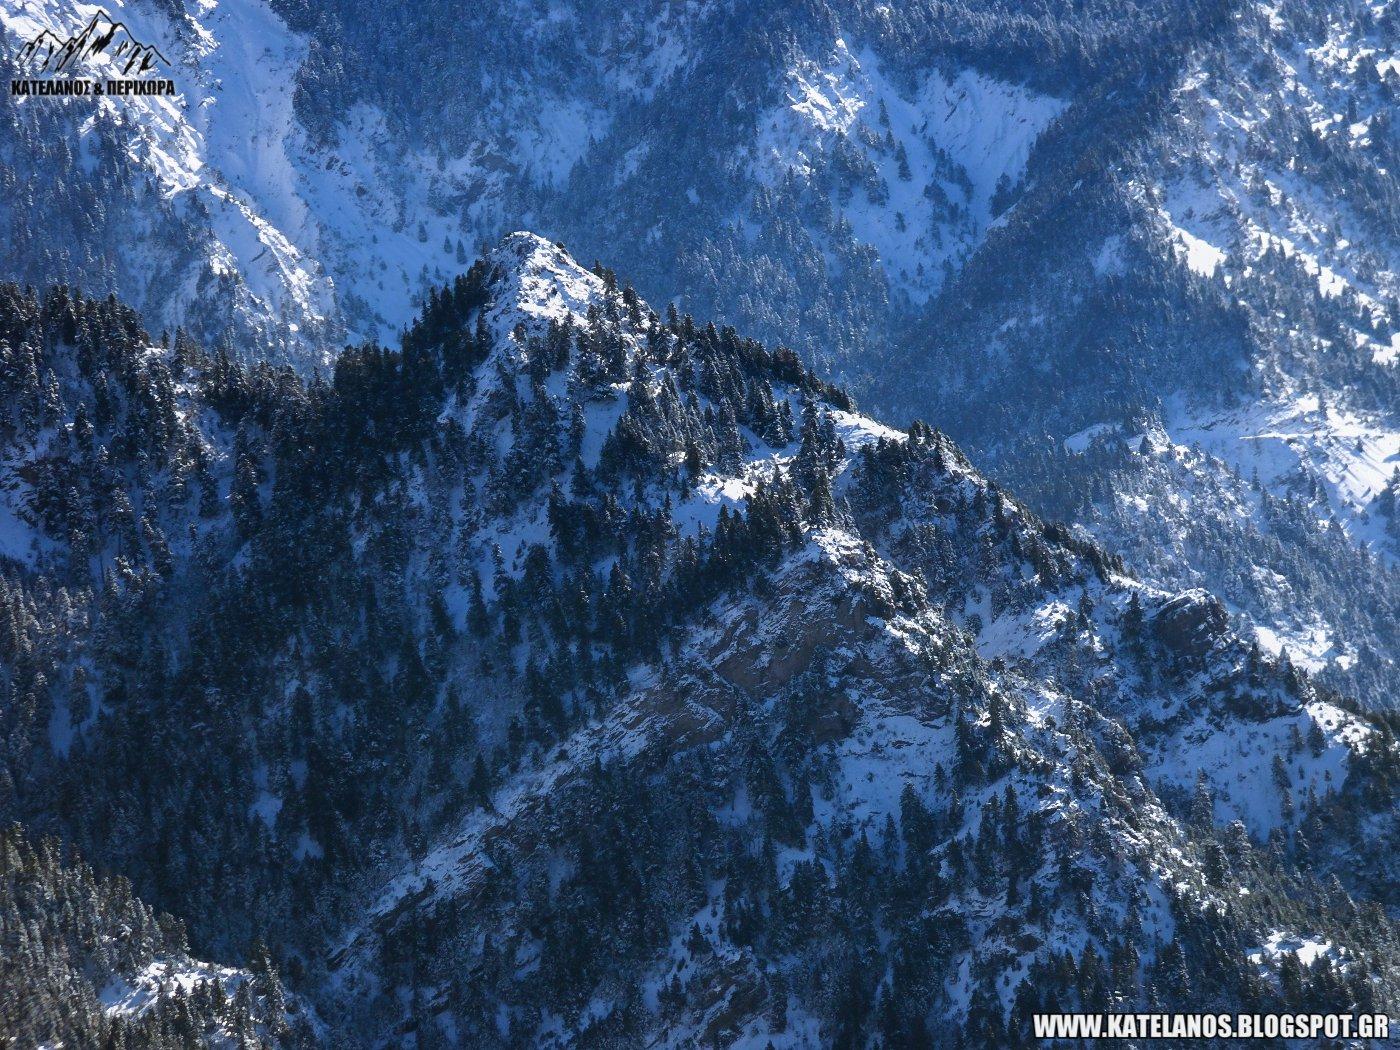 τσουκα παναιτωλικου βουνοκορφη χιονια χειμωνας